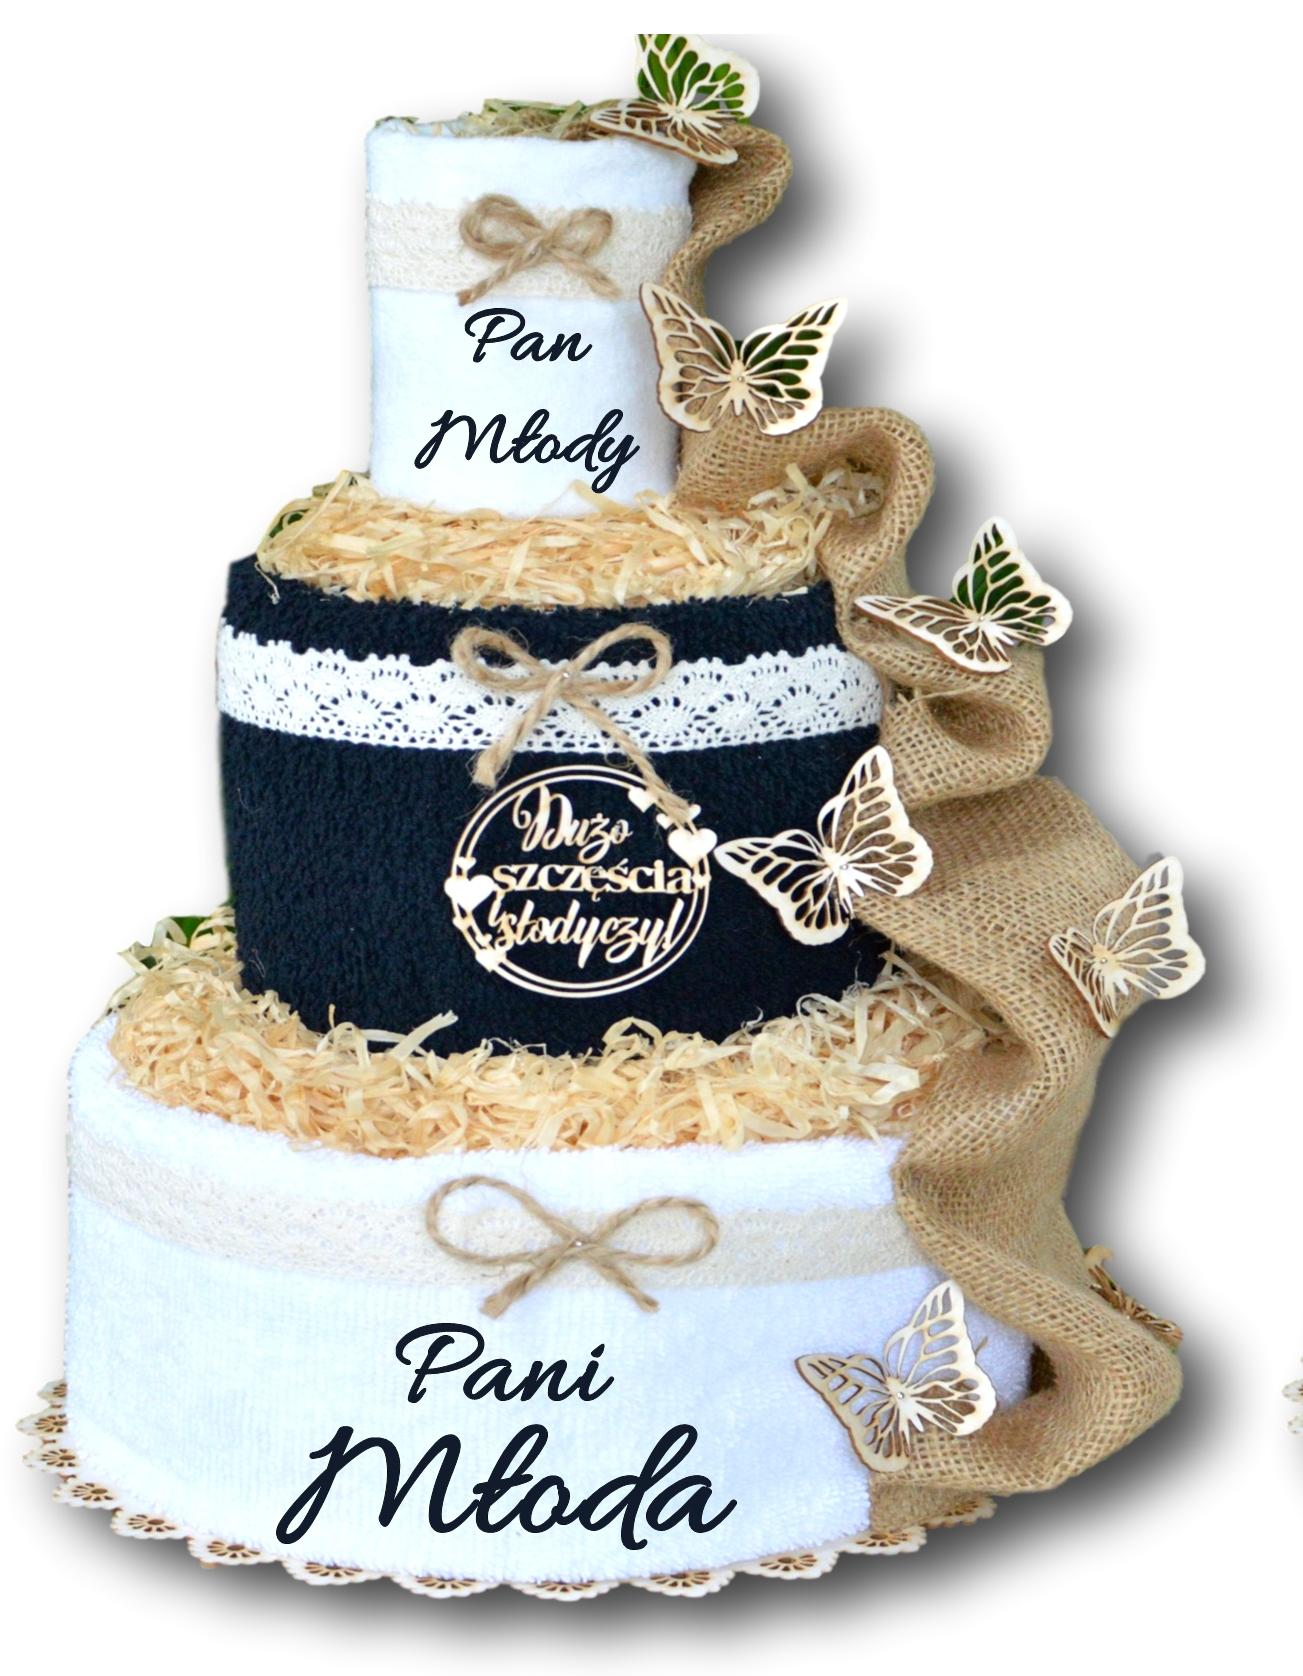 ТОРТ ИЗ ПОЛОТЕНЦА вышивка подарок на годовщину свадьбы